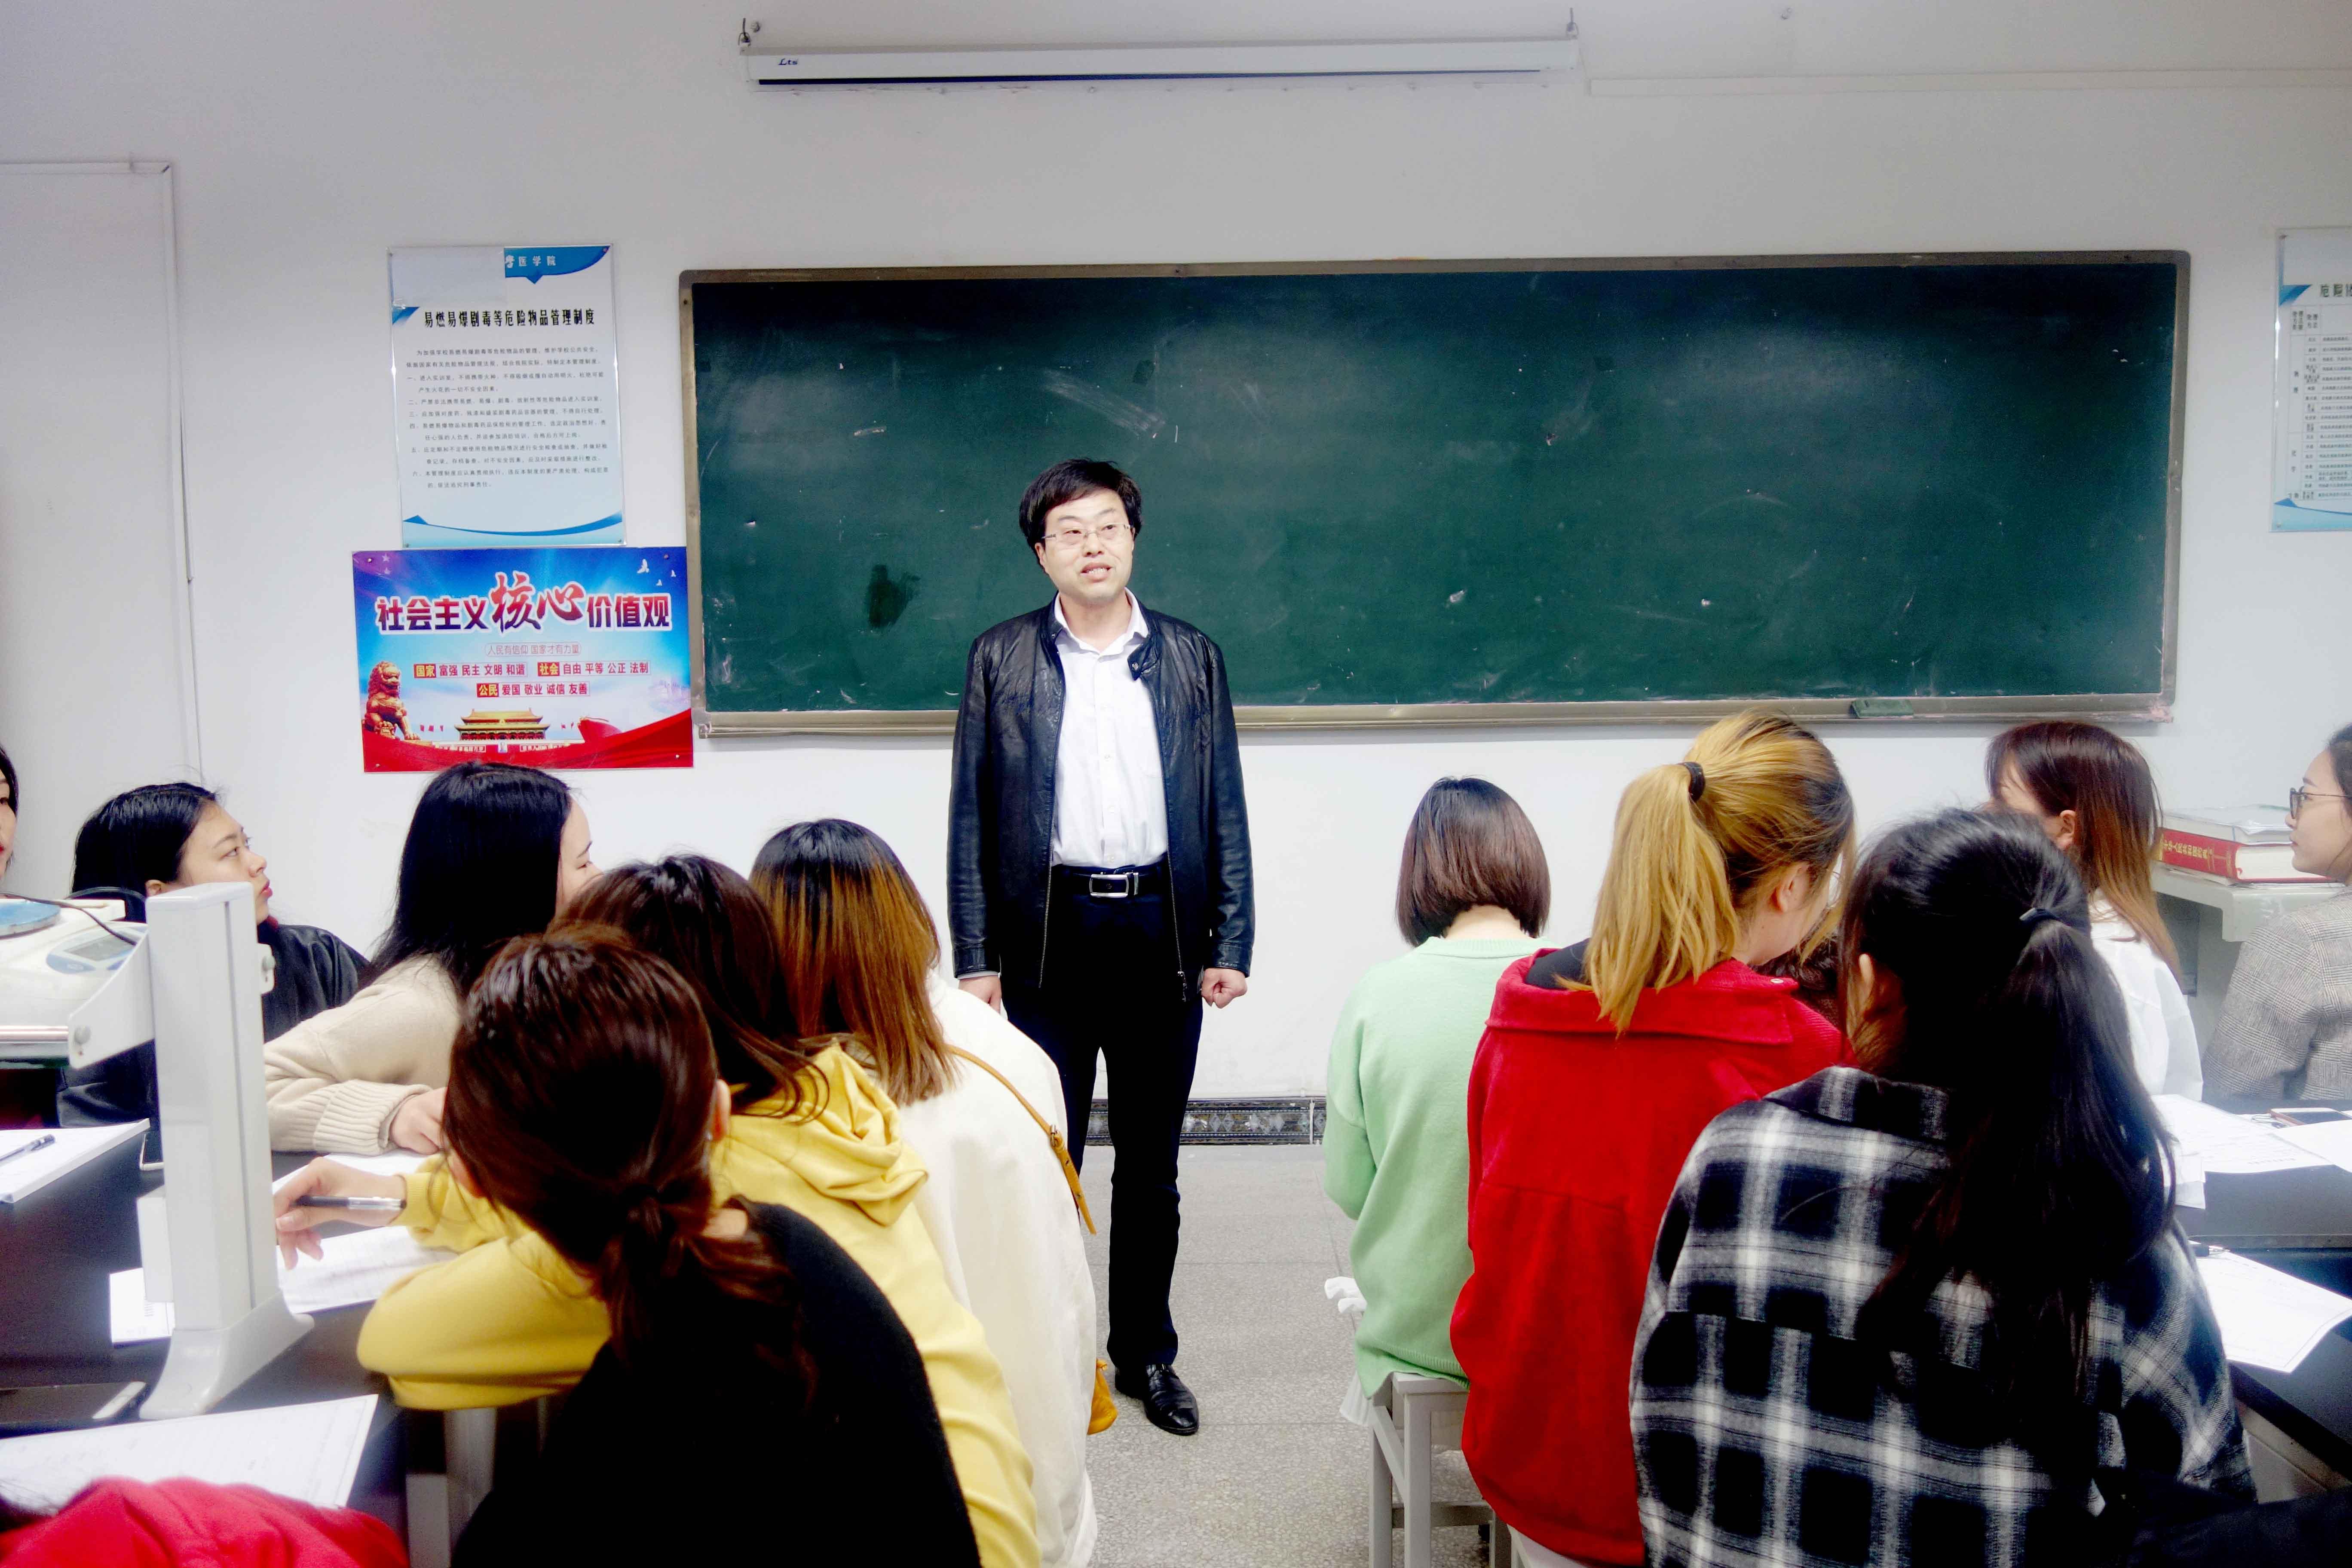 压缩鄂州职业大学医学院院长杨家林先生讲话.jpg